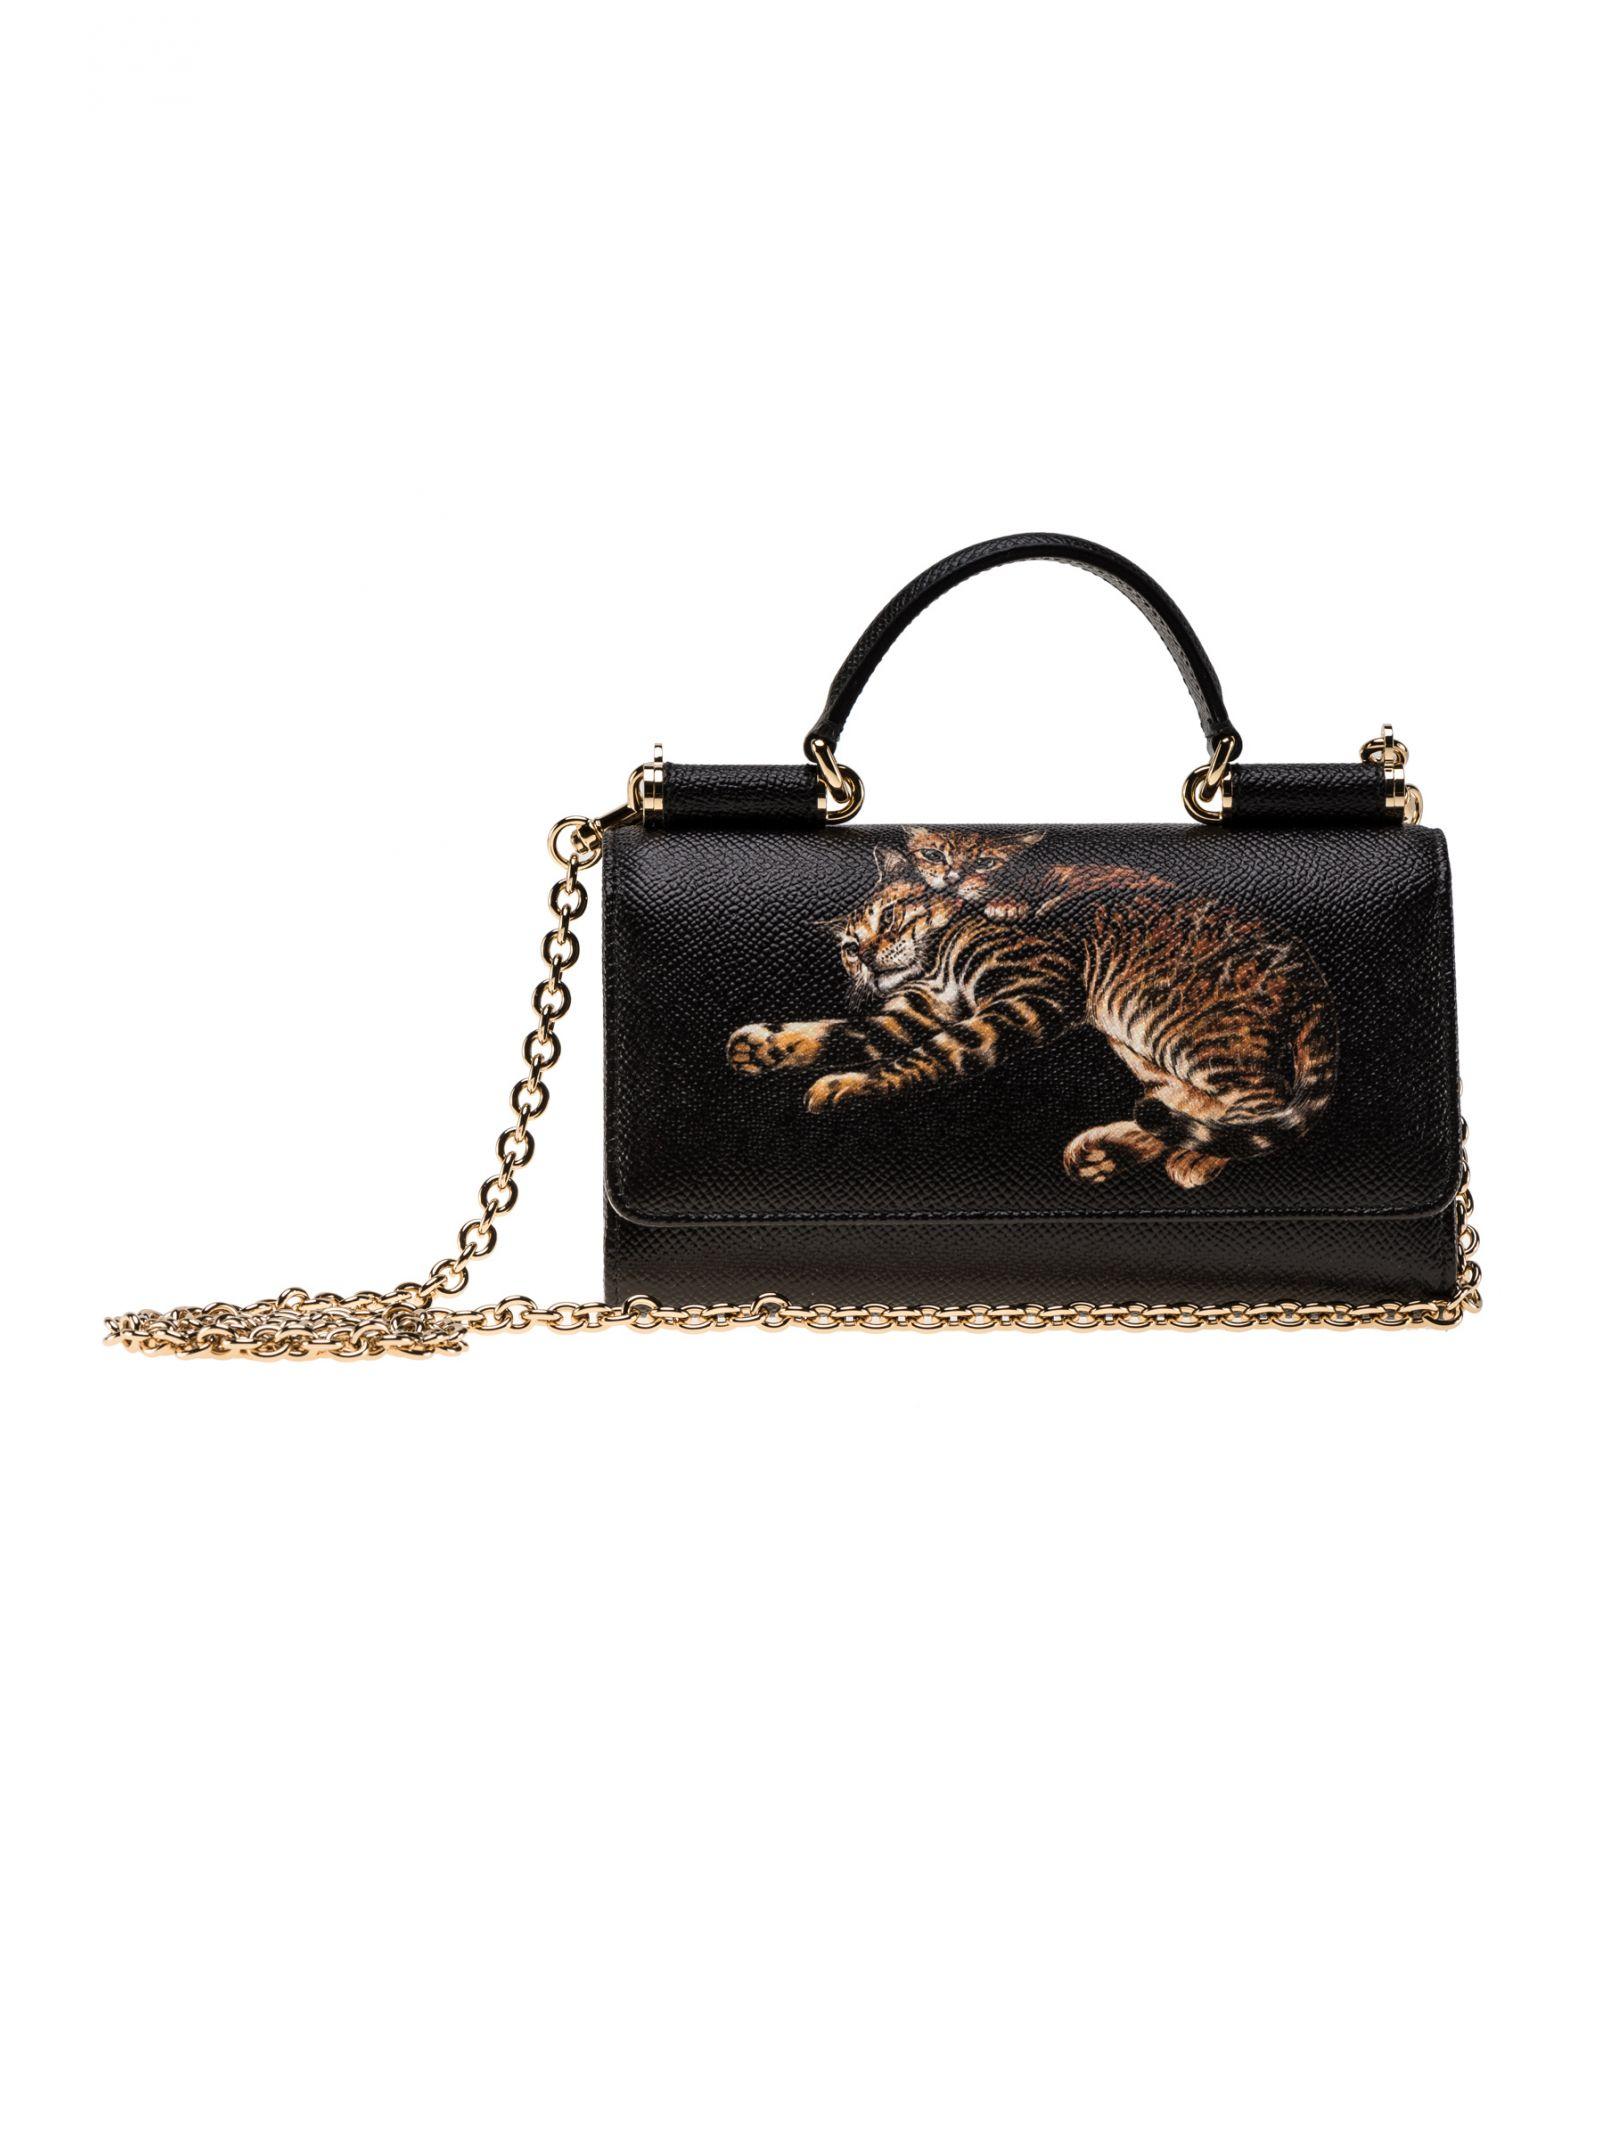 Dolce & Gabbana Cat Shoulder Bag